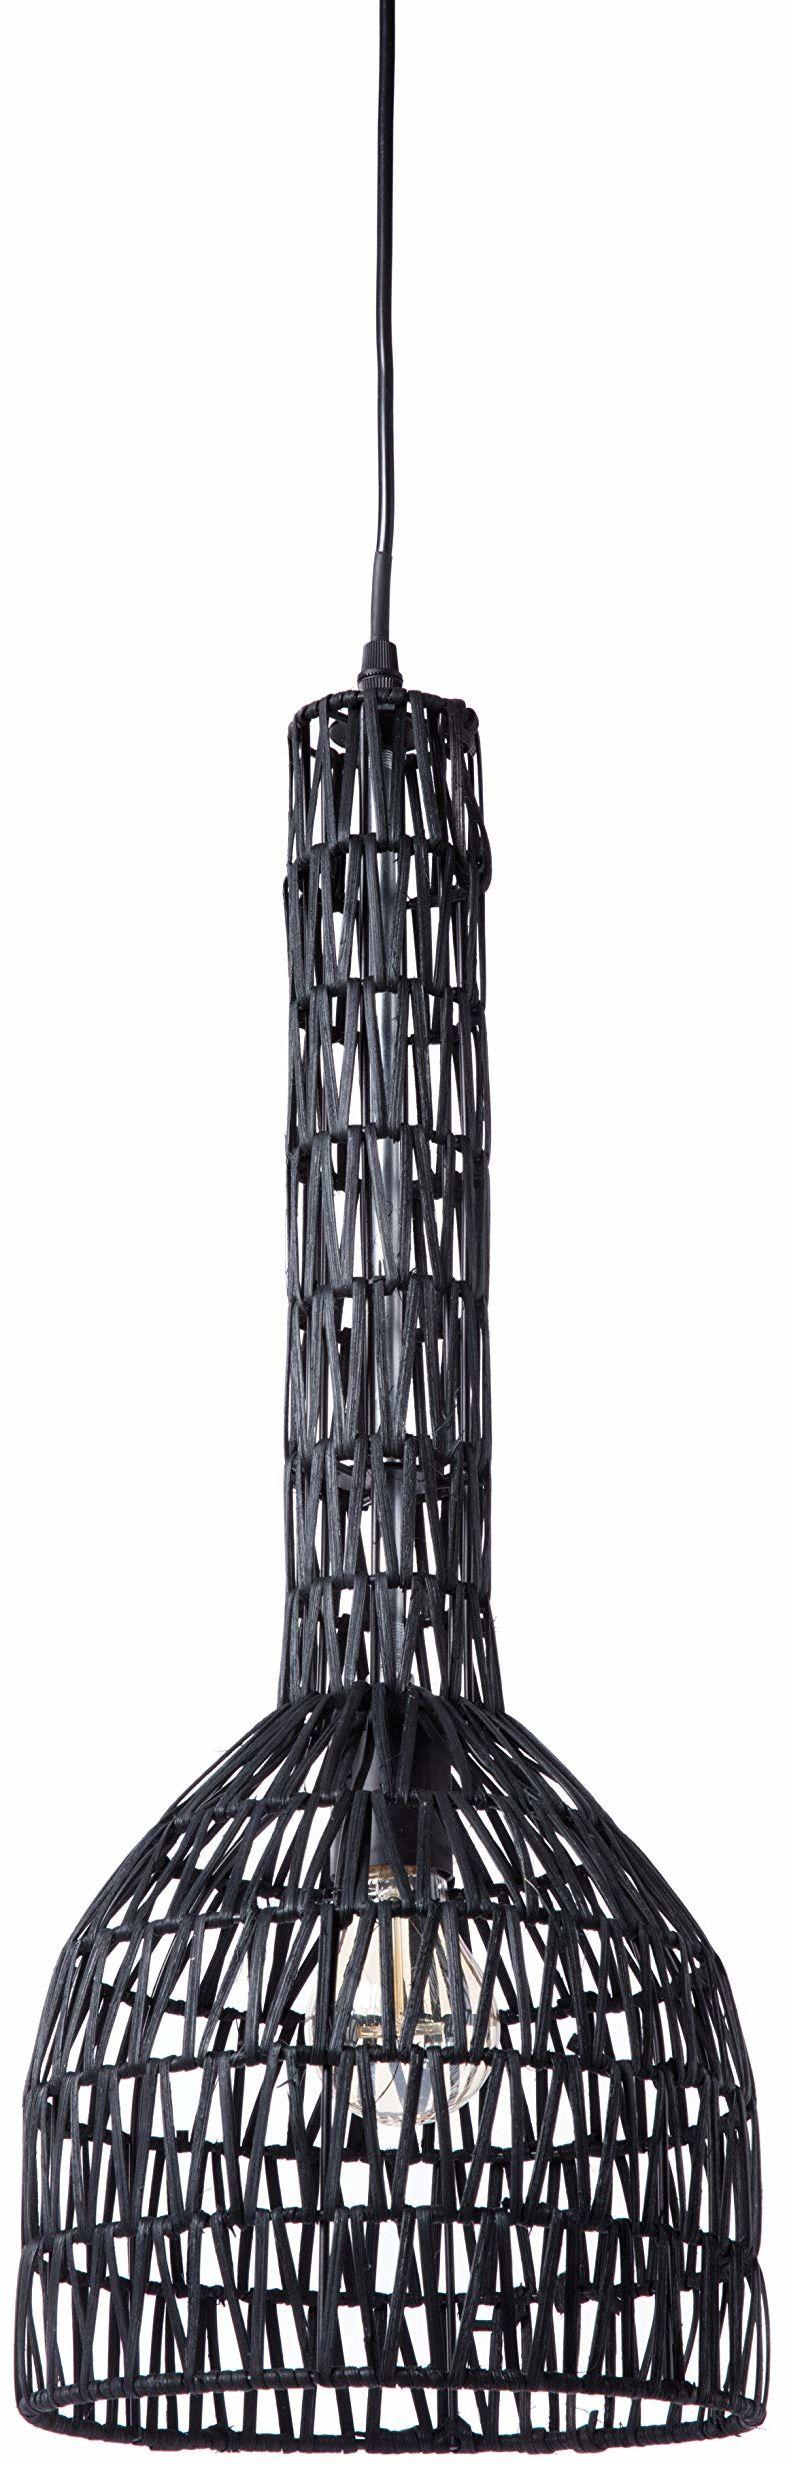 Lussiol 250278 lampa wisząca, rattan, 60 W, czarna, ø23 x wys. 60 cm